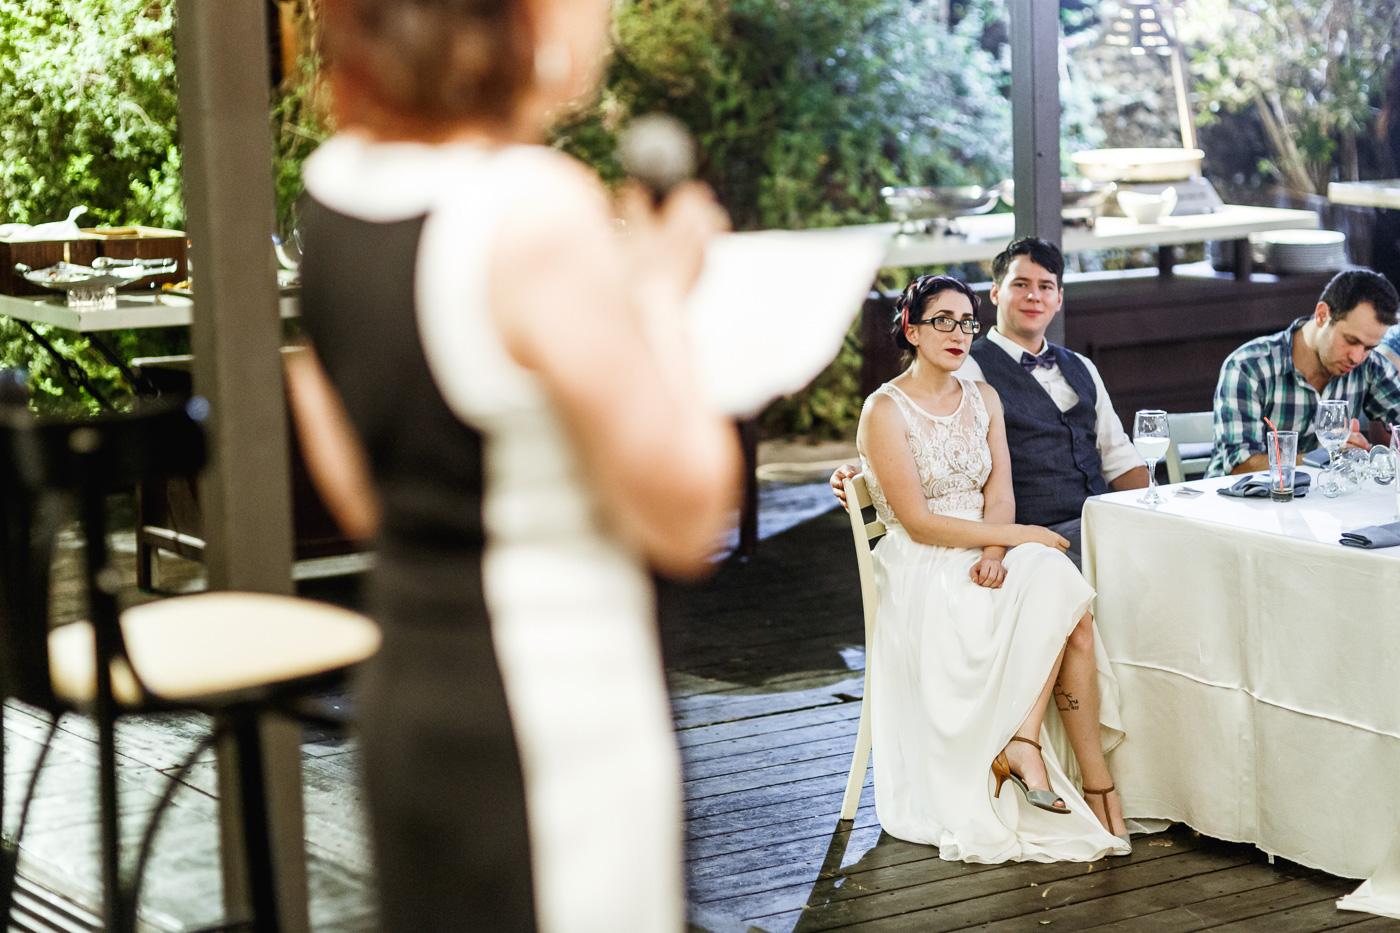 Leore & Yiftach wedding_0789.jpg